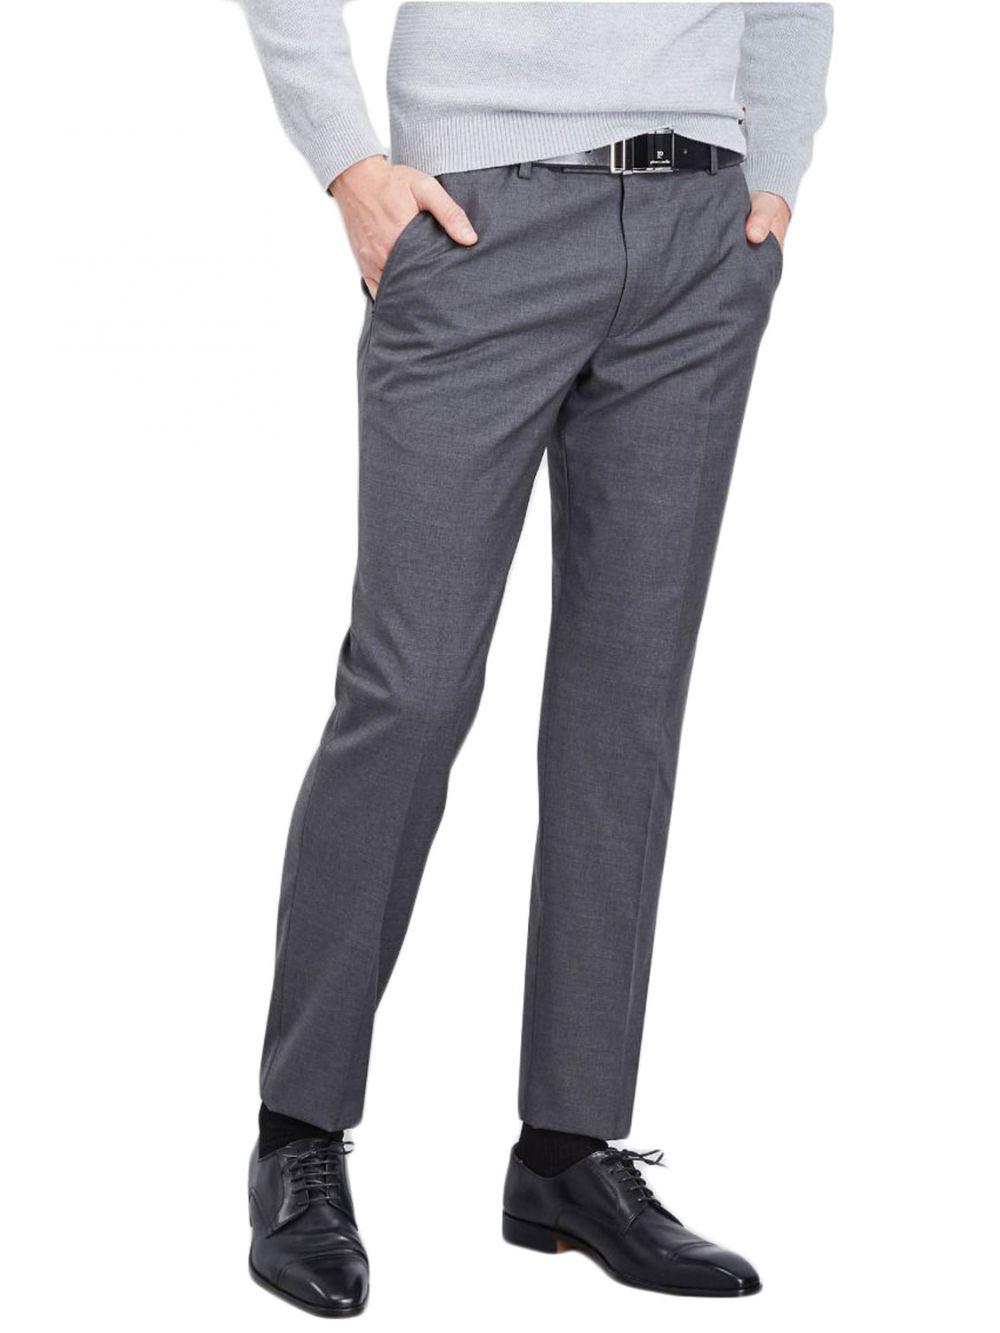 pantalon pierre cardin en laine gris moyen kebello com. Black Bedroom Furniture Sets. Home Design Ideas